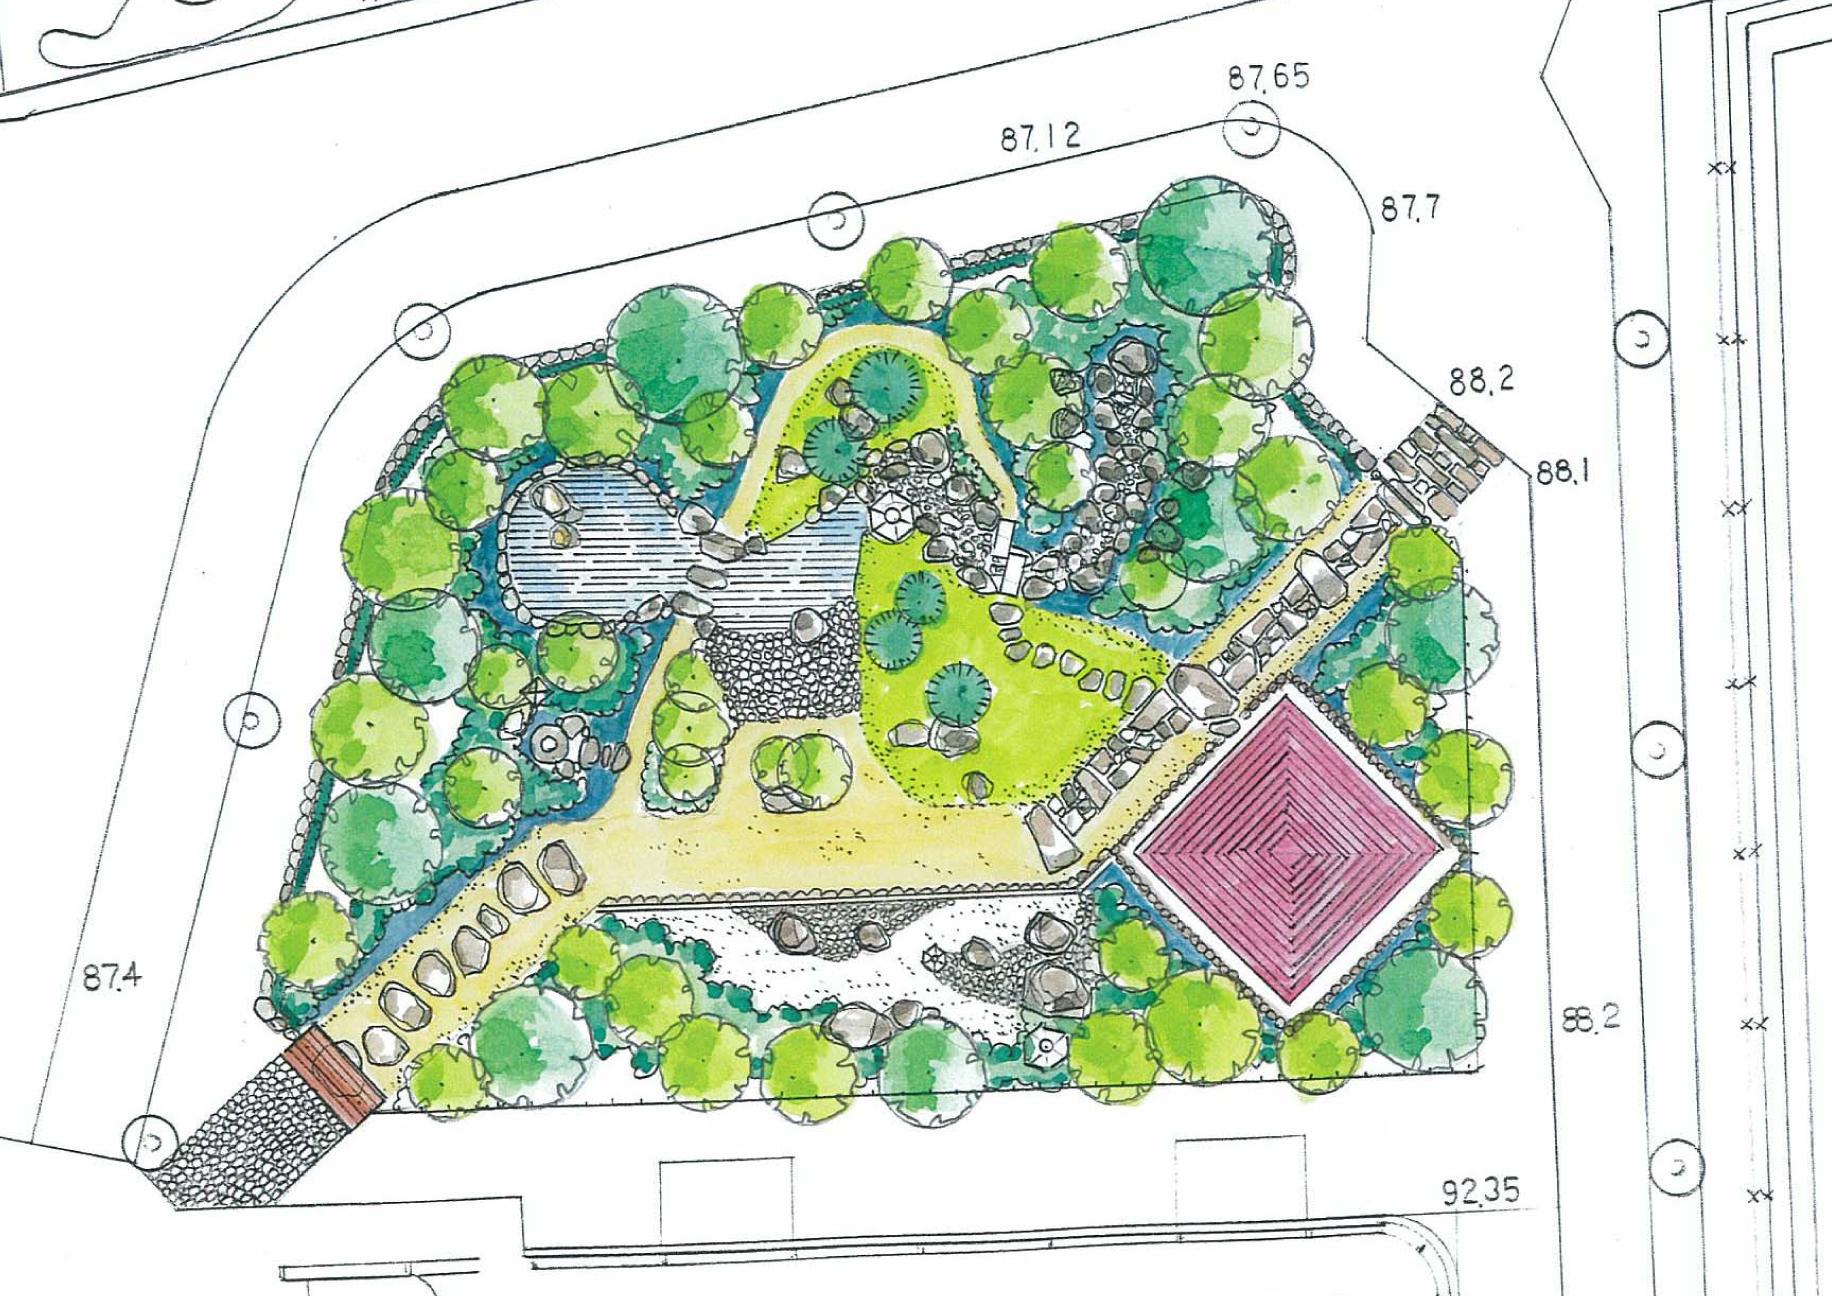 Jardin japonais issy les moulineaux 2015 agence m rist me paysage environnement for Plan jardin japonais